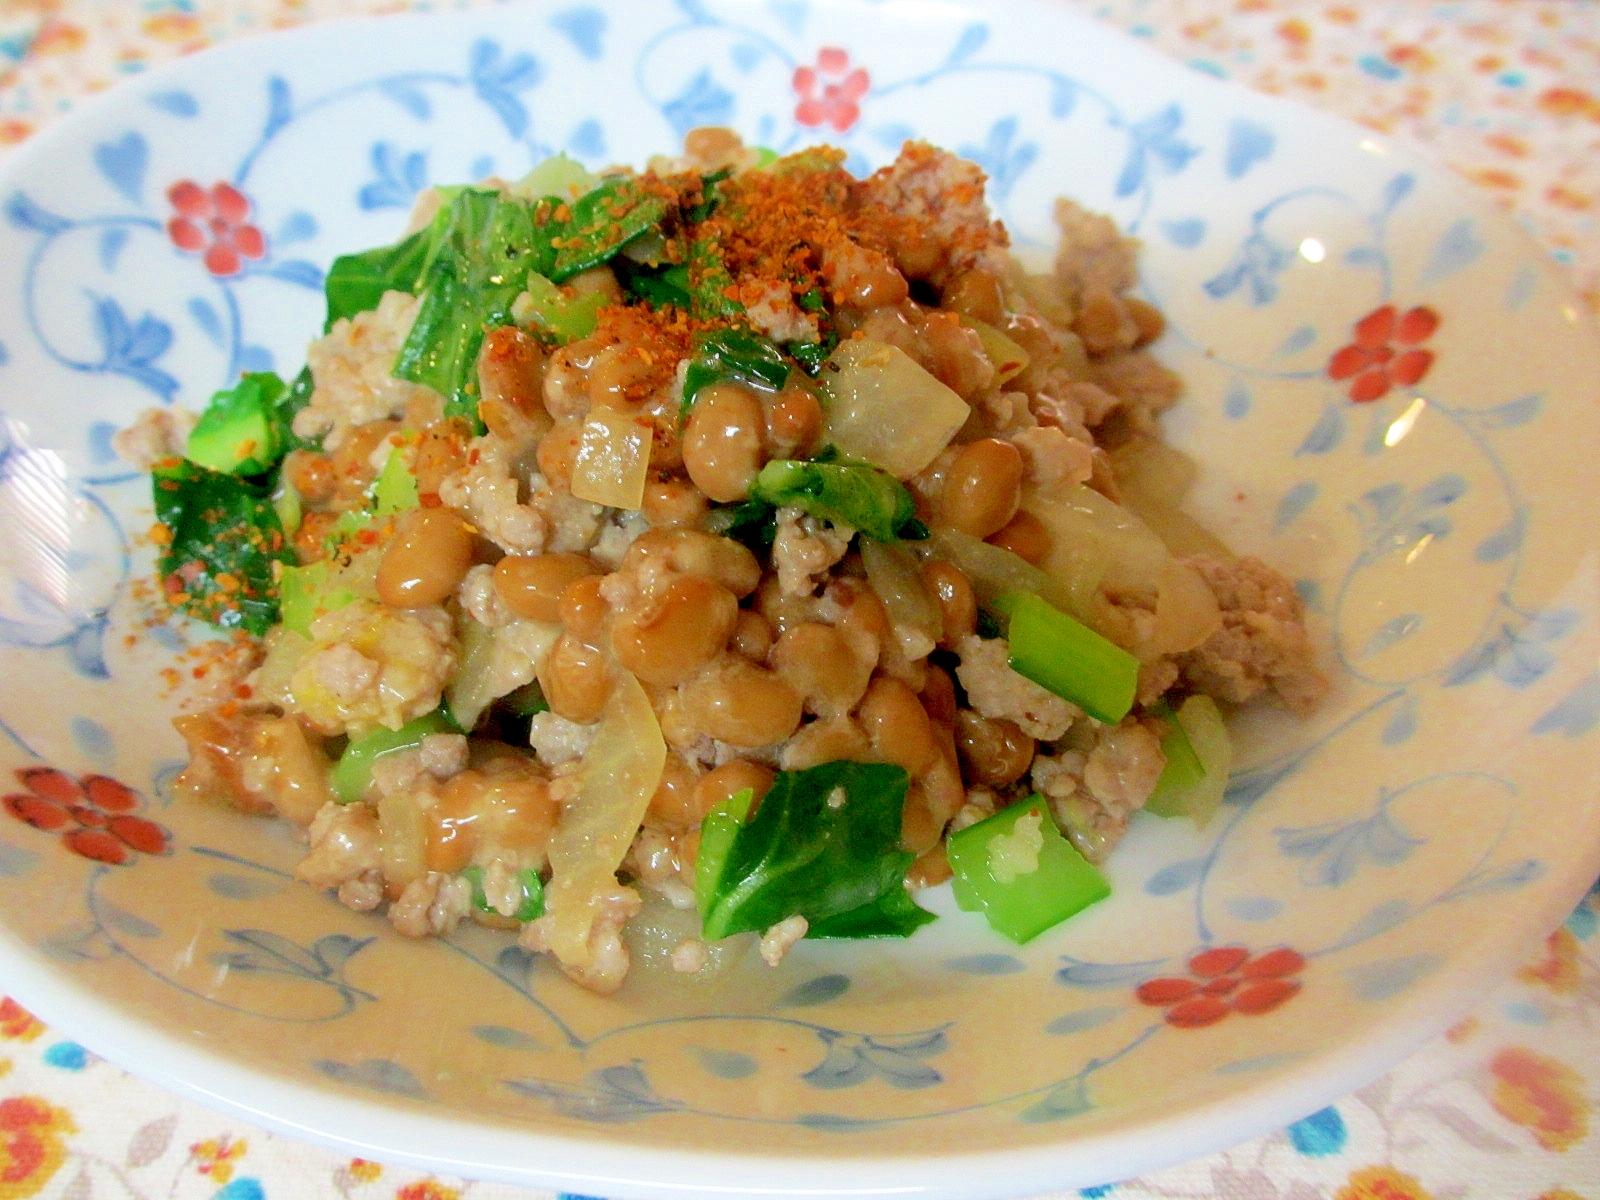 ひき肉、小松菜、納豆炒め